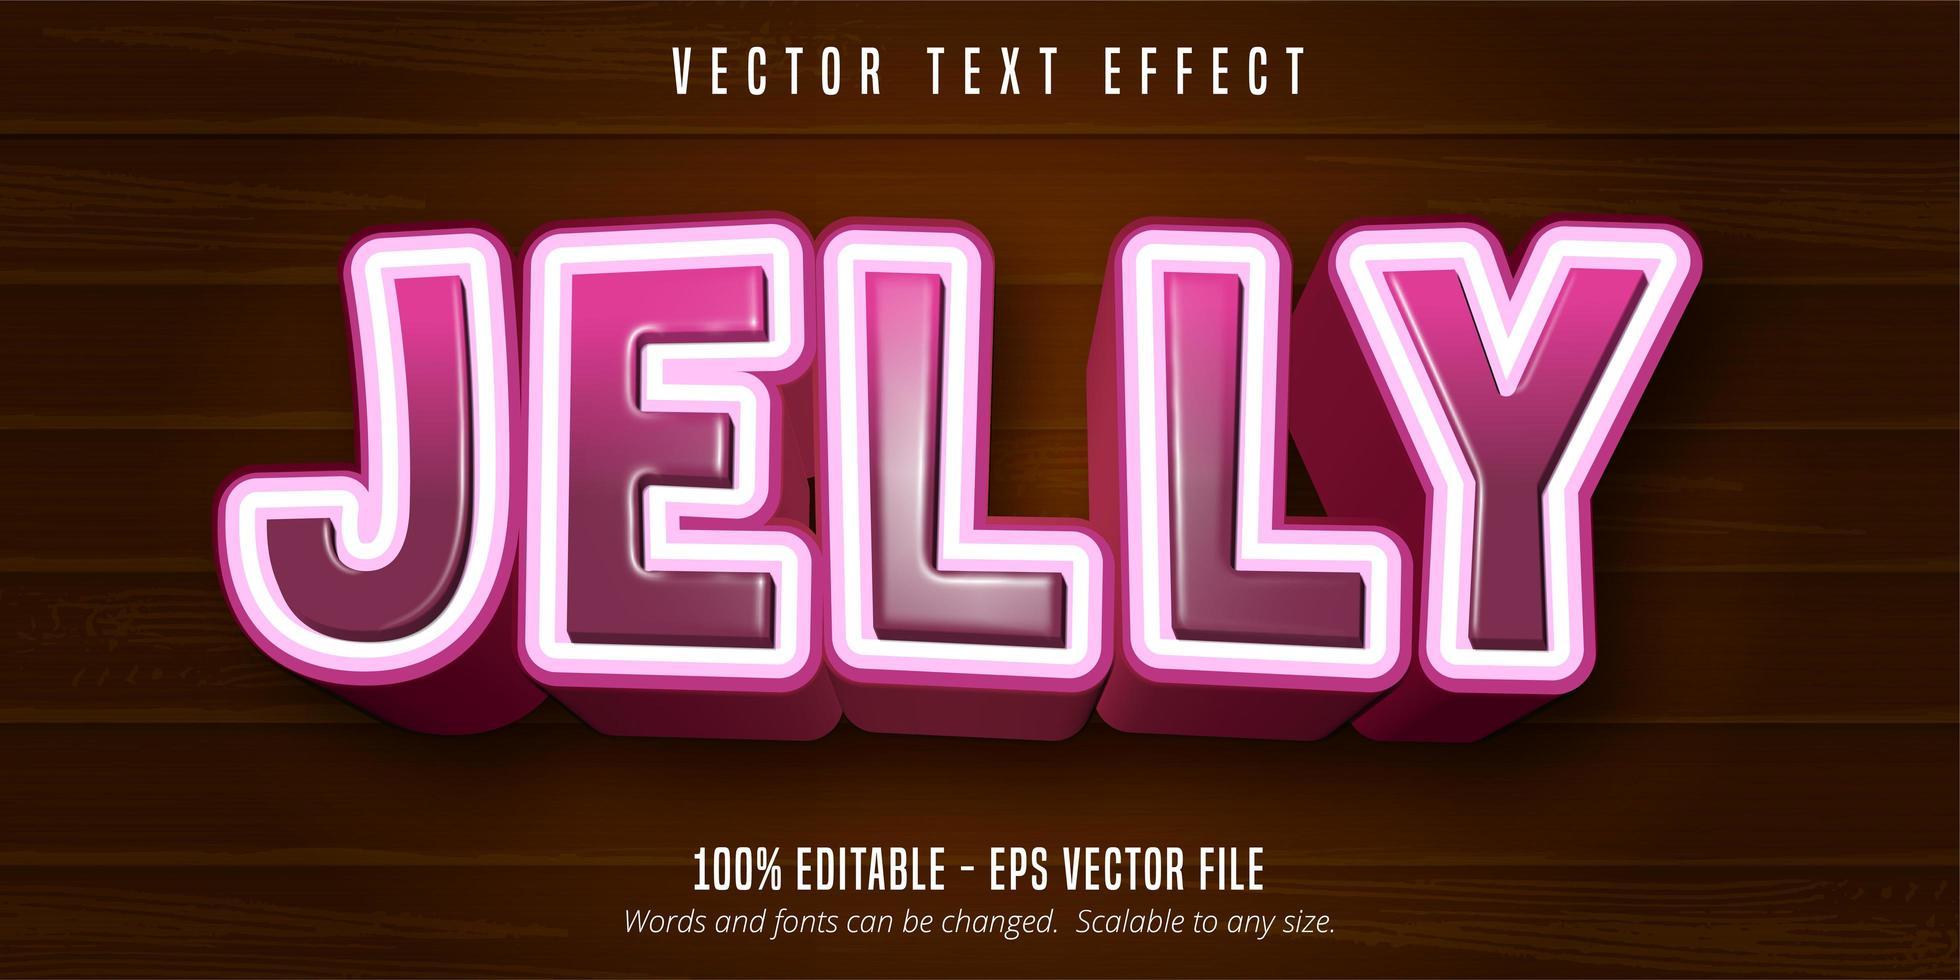 effet de texte de style dessin animé dégradé rose gelée vecteur